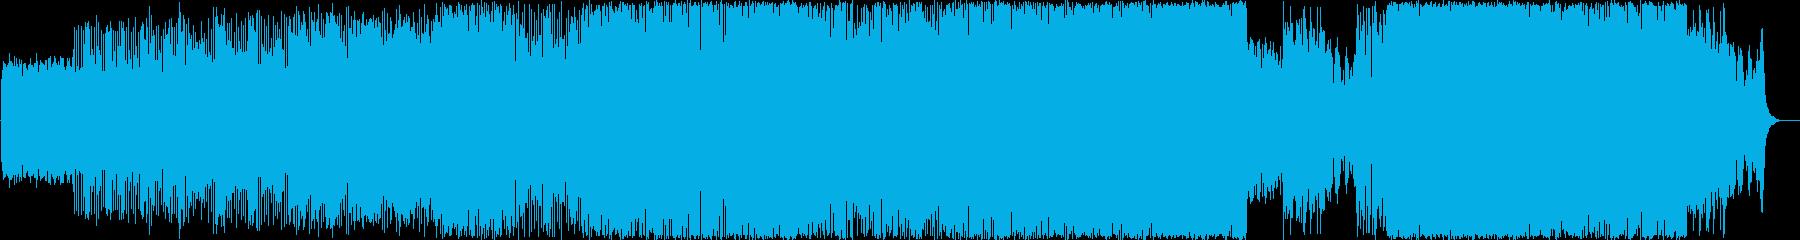 【変拍子】職人、高級感、物語、弦楽器の再生済みの波形